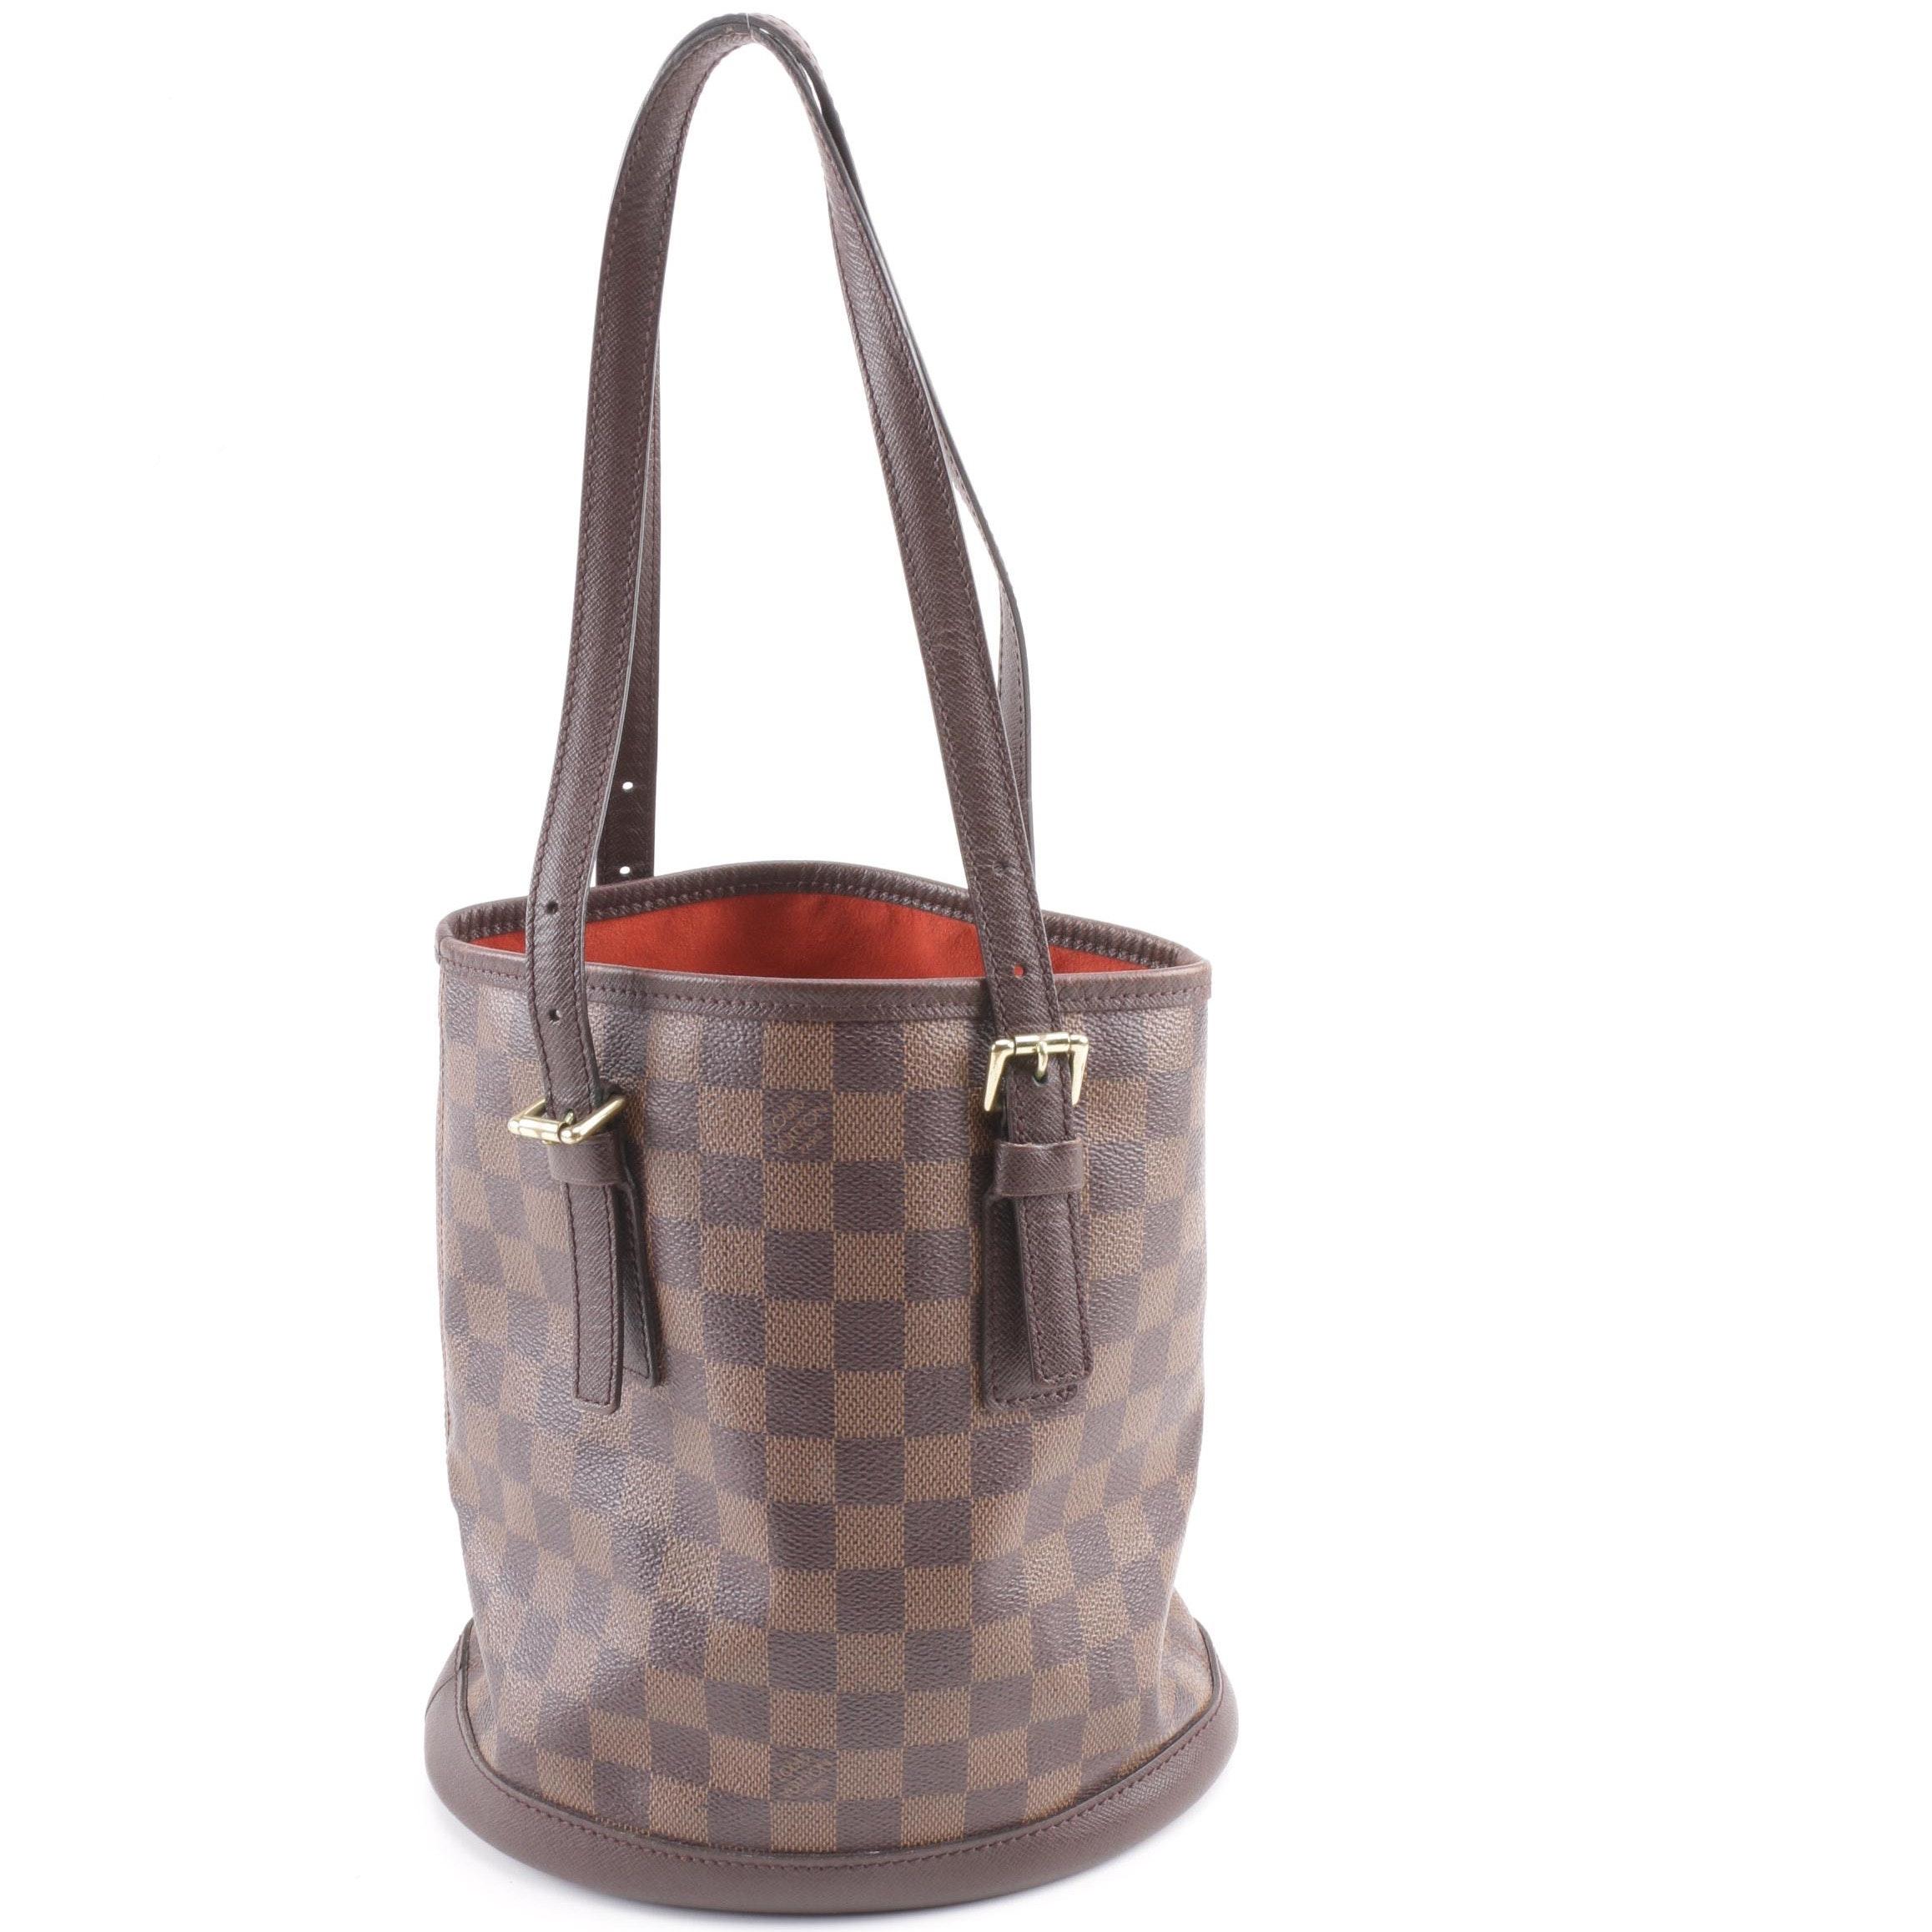 2000 Louis Vuitton Paris Damier Ebene Canvas Petite Bucket Bag